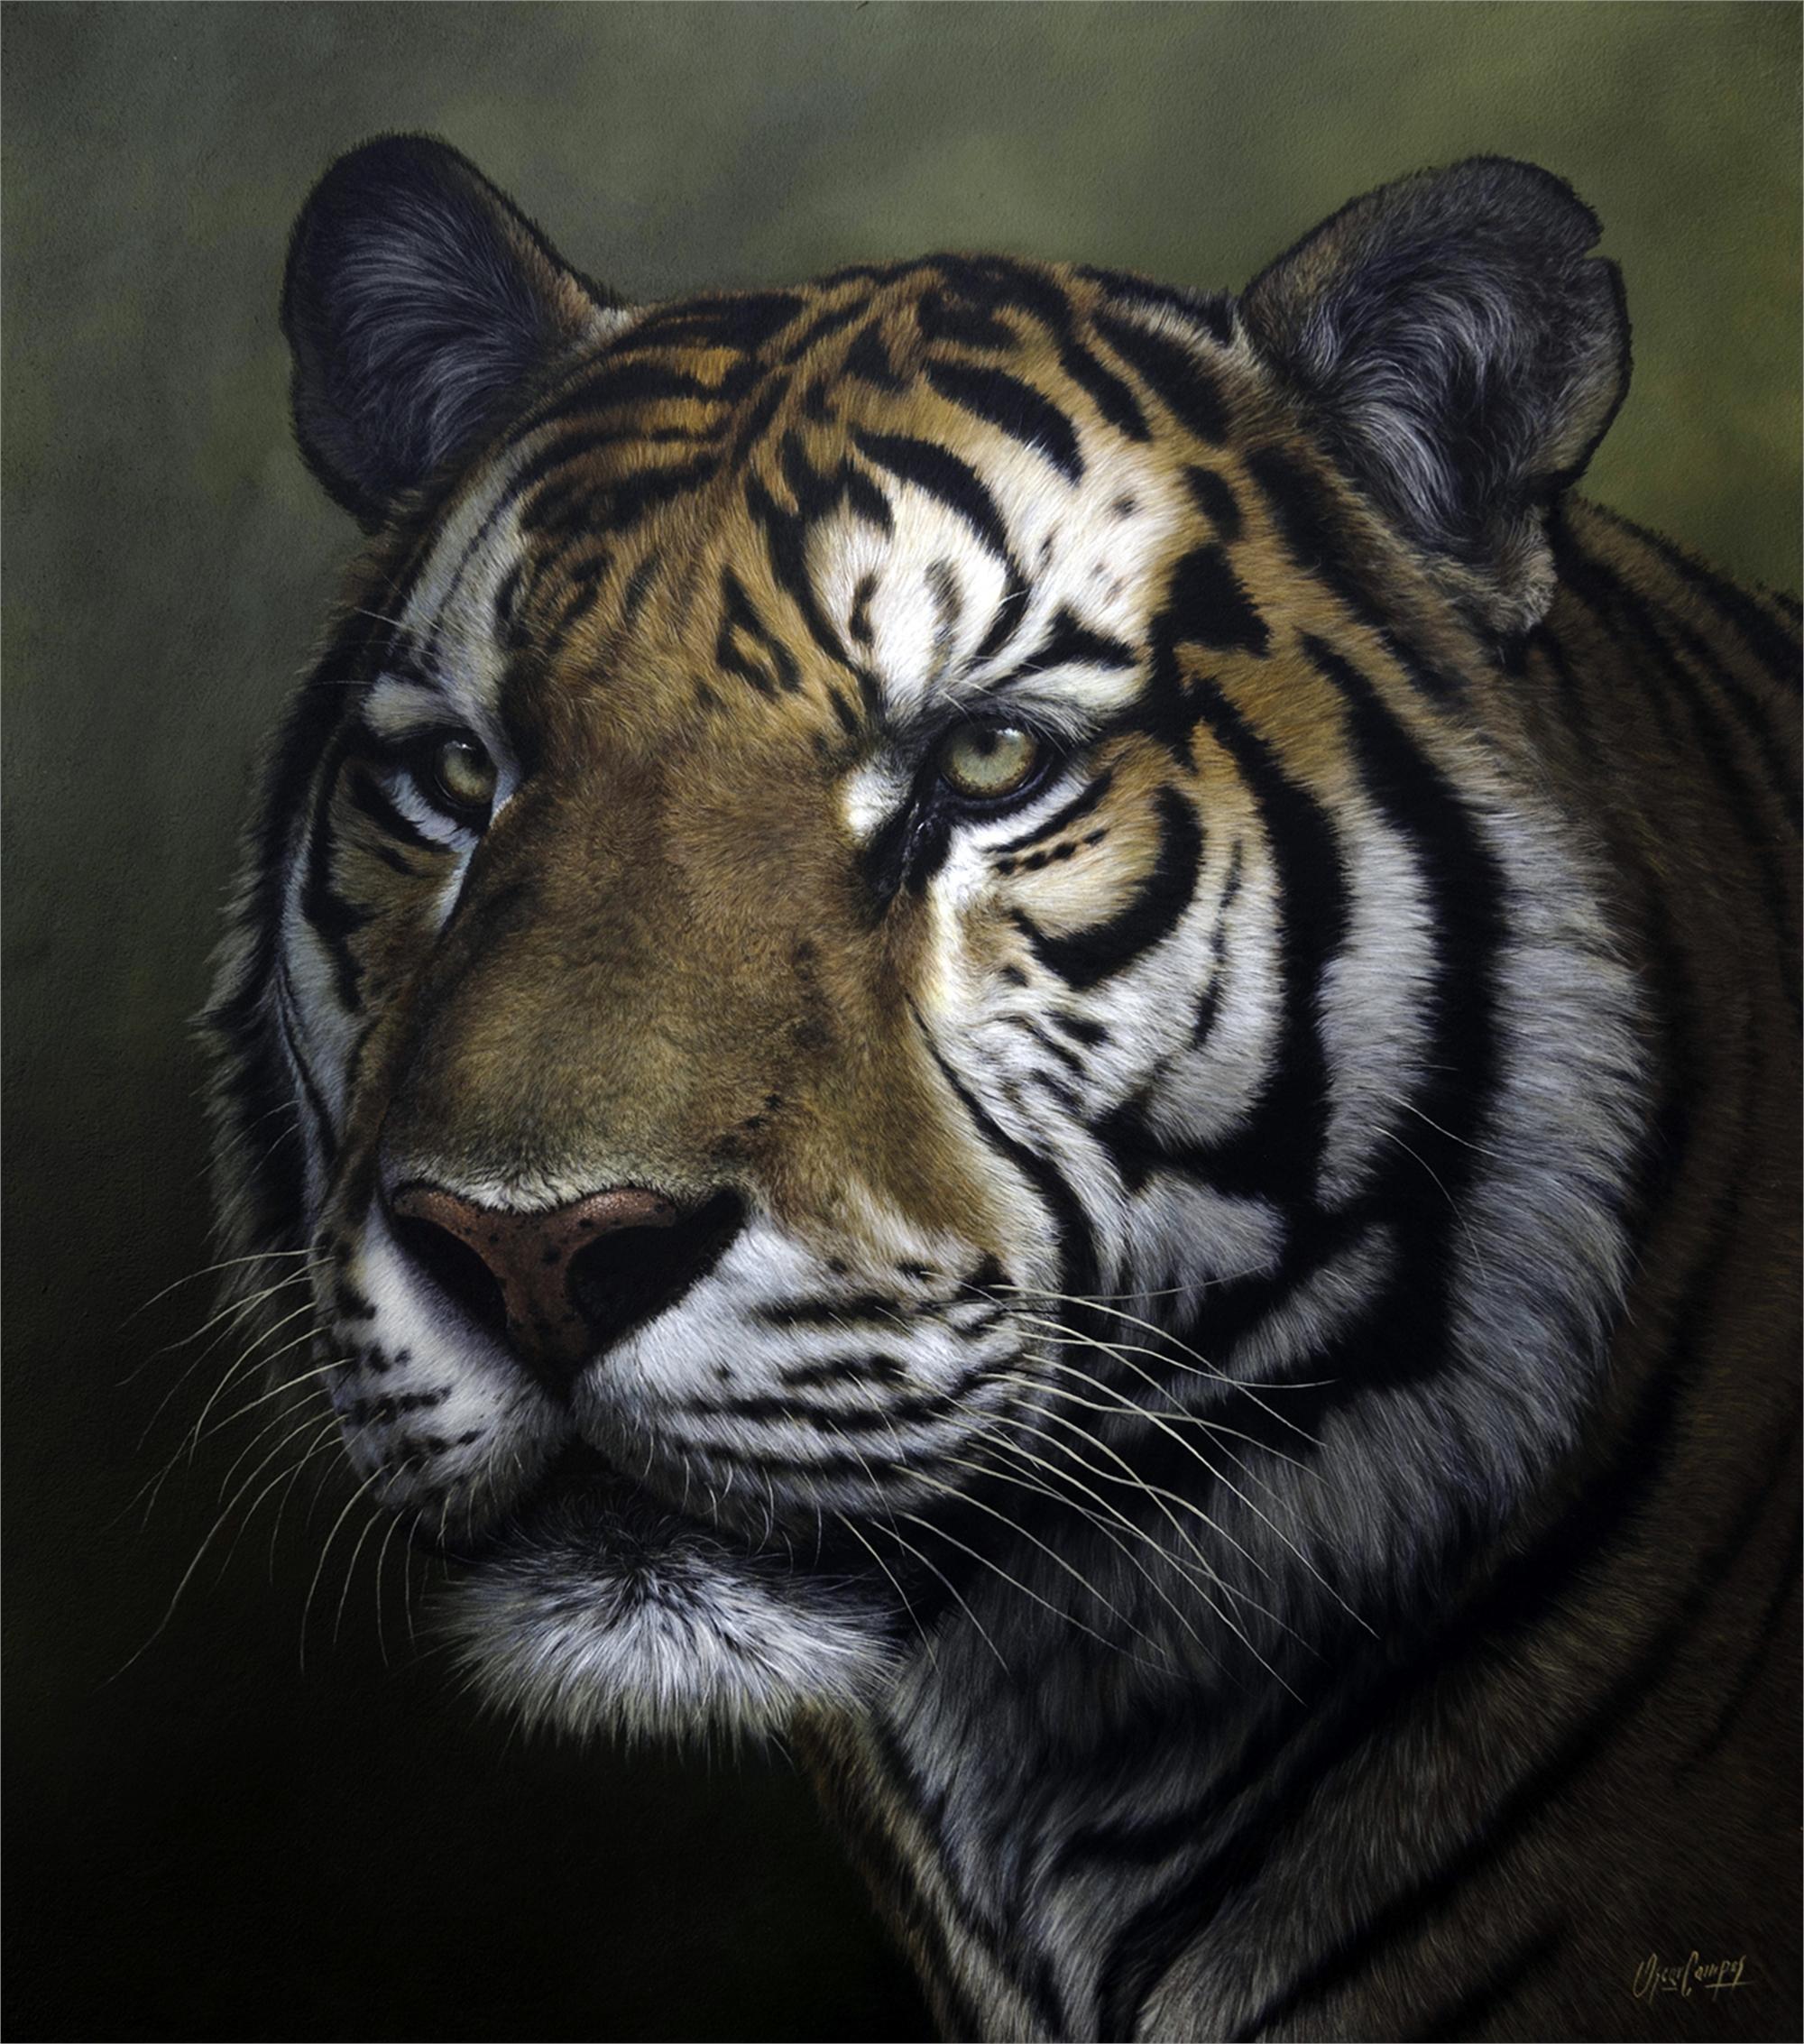 Tigre by Oscar Campos